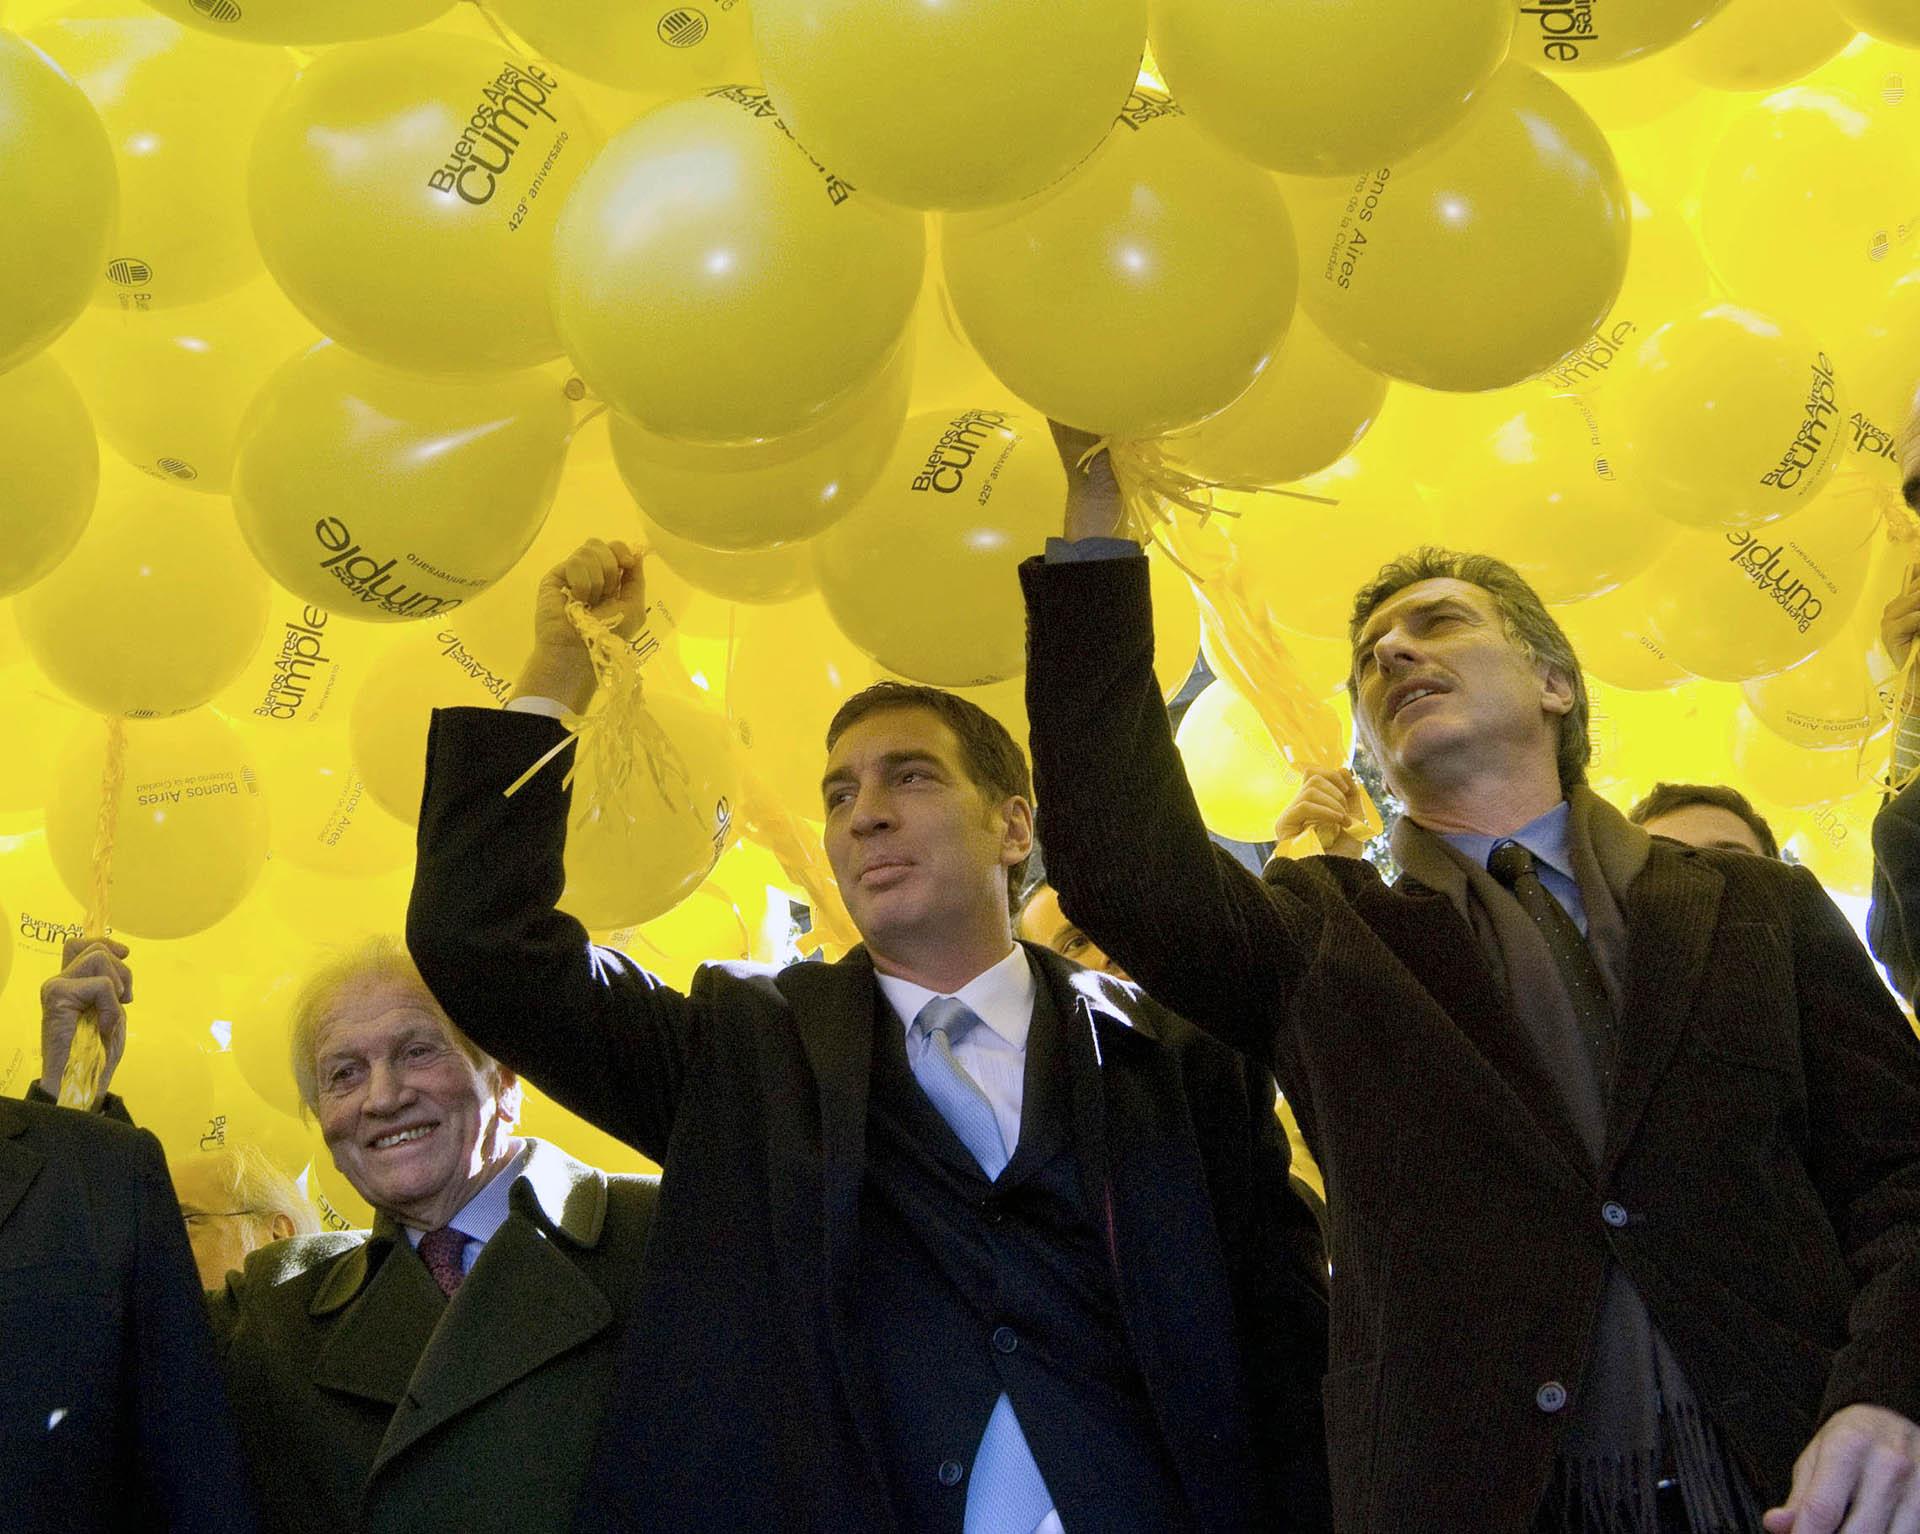 2009. Con Diego Santilli, vicepresidente de la Legislatura, y otras autoridades de la ciudad, durante los festejos por el 429avo Aniversario de la Segunda Fundacion de Buenos Aires.